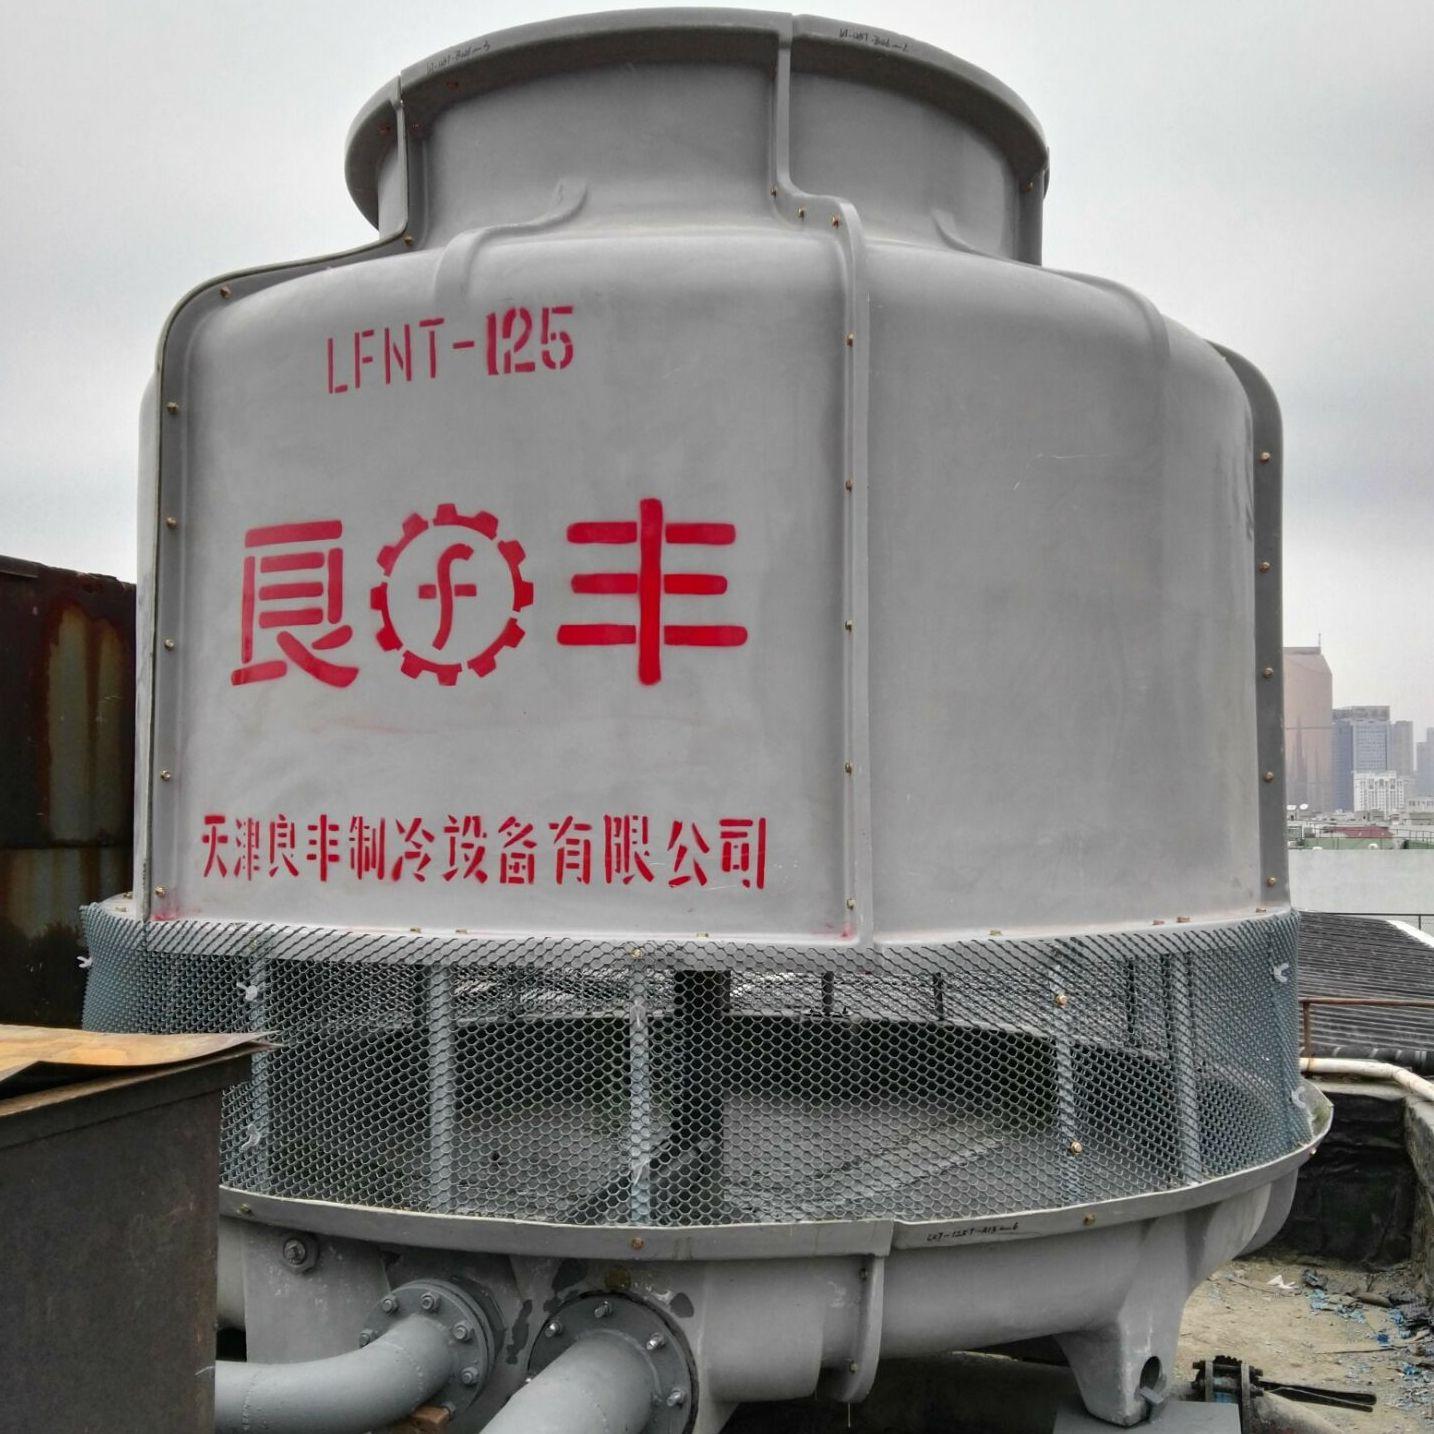 【天津冷却塔公司-天津冷却塔厂家价格-天津冷却塔公司-天津冷却塔